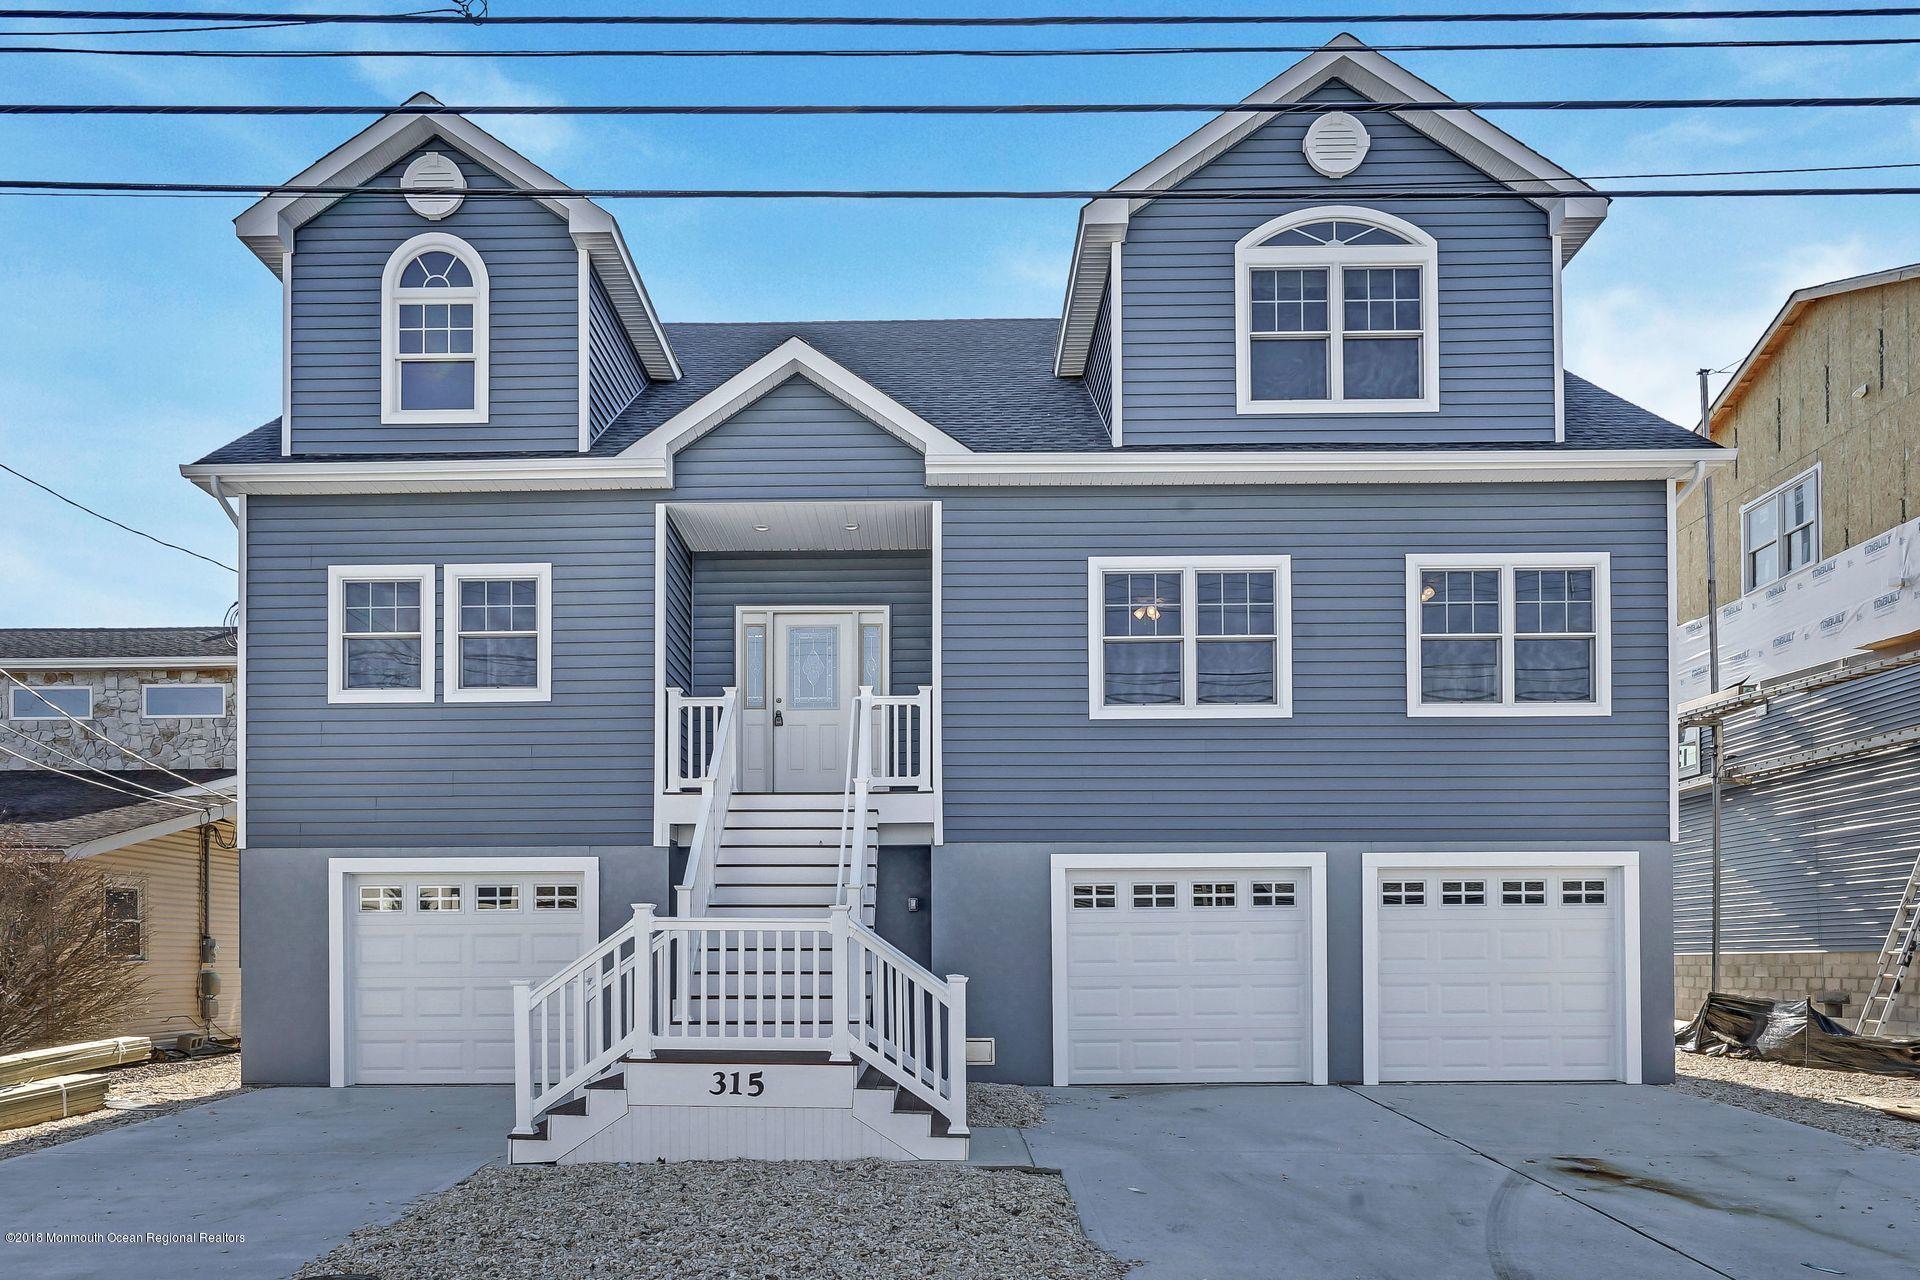 Einfamilienhaus für Verkauf beim 315 Aldo Drive 315 Aldo Drive Toms River, New Jersey 08753 Vereinigte Staaten